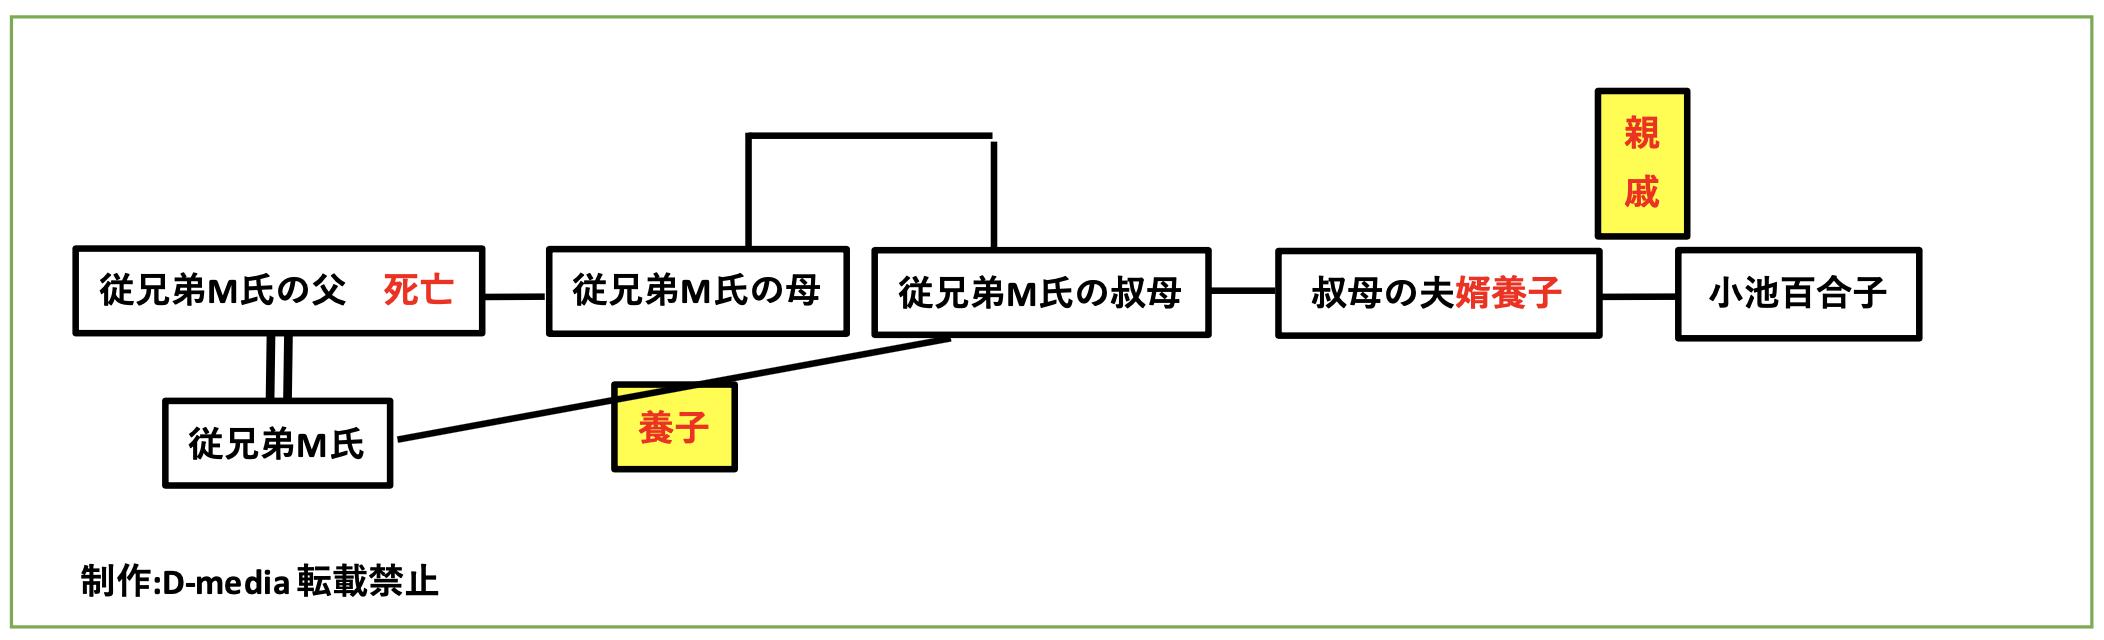 小池百合子 従兄弟 同居男性 M氏 水田昌宏